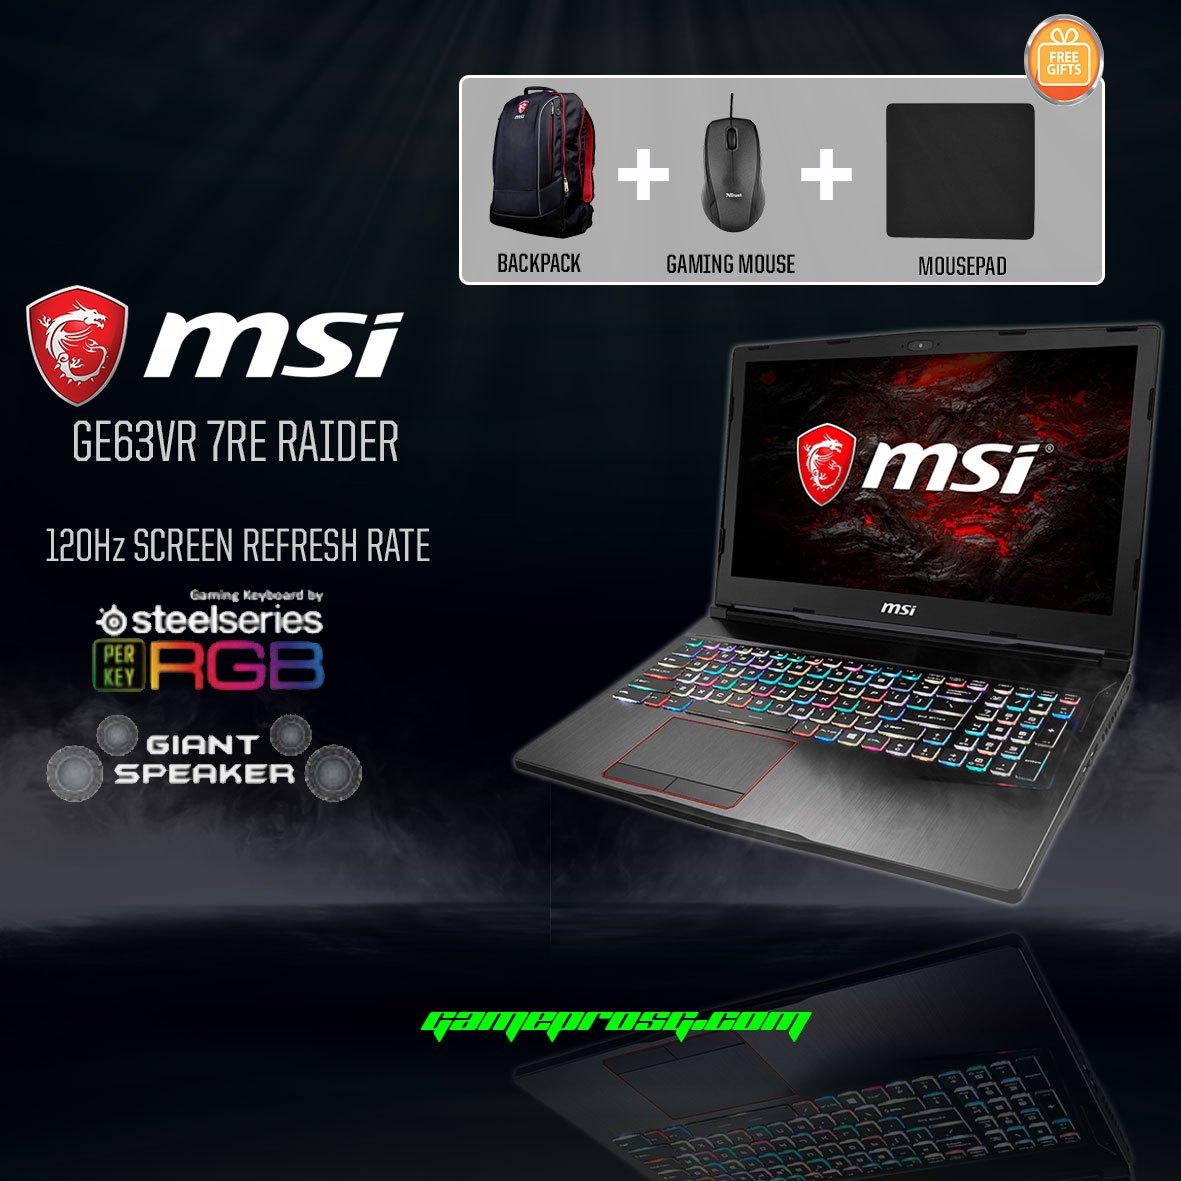 133a884d46f MSI GE63VR 7RE 016SG Raider (GTX 1060 6GB GDDR5) - DS - GamePro Shop